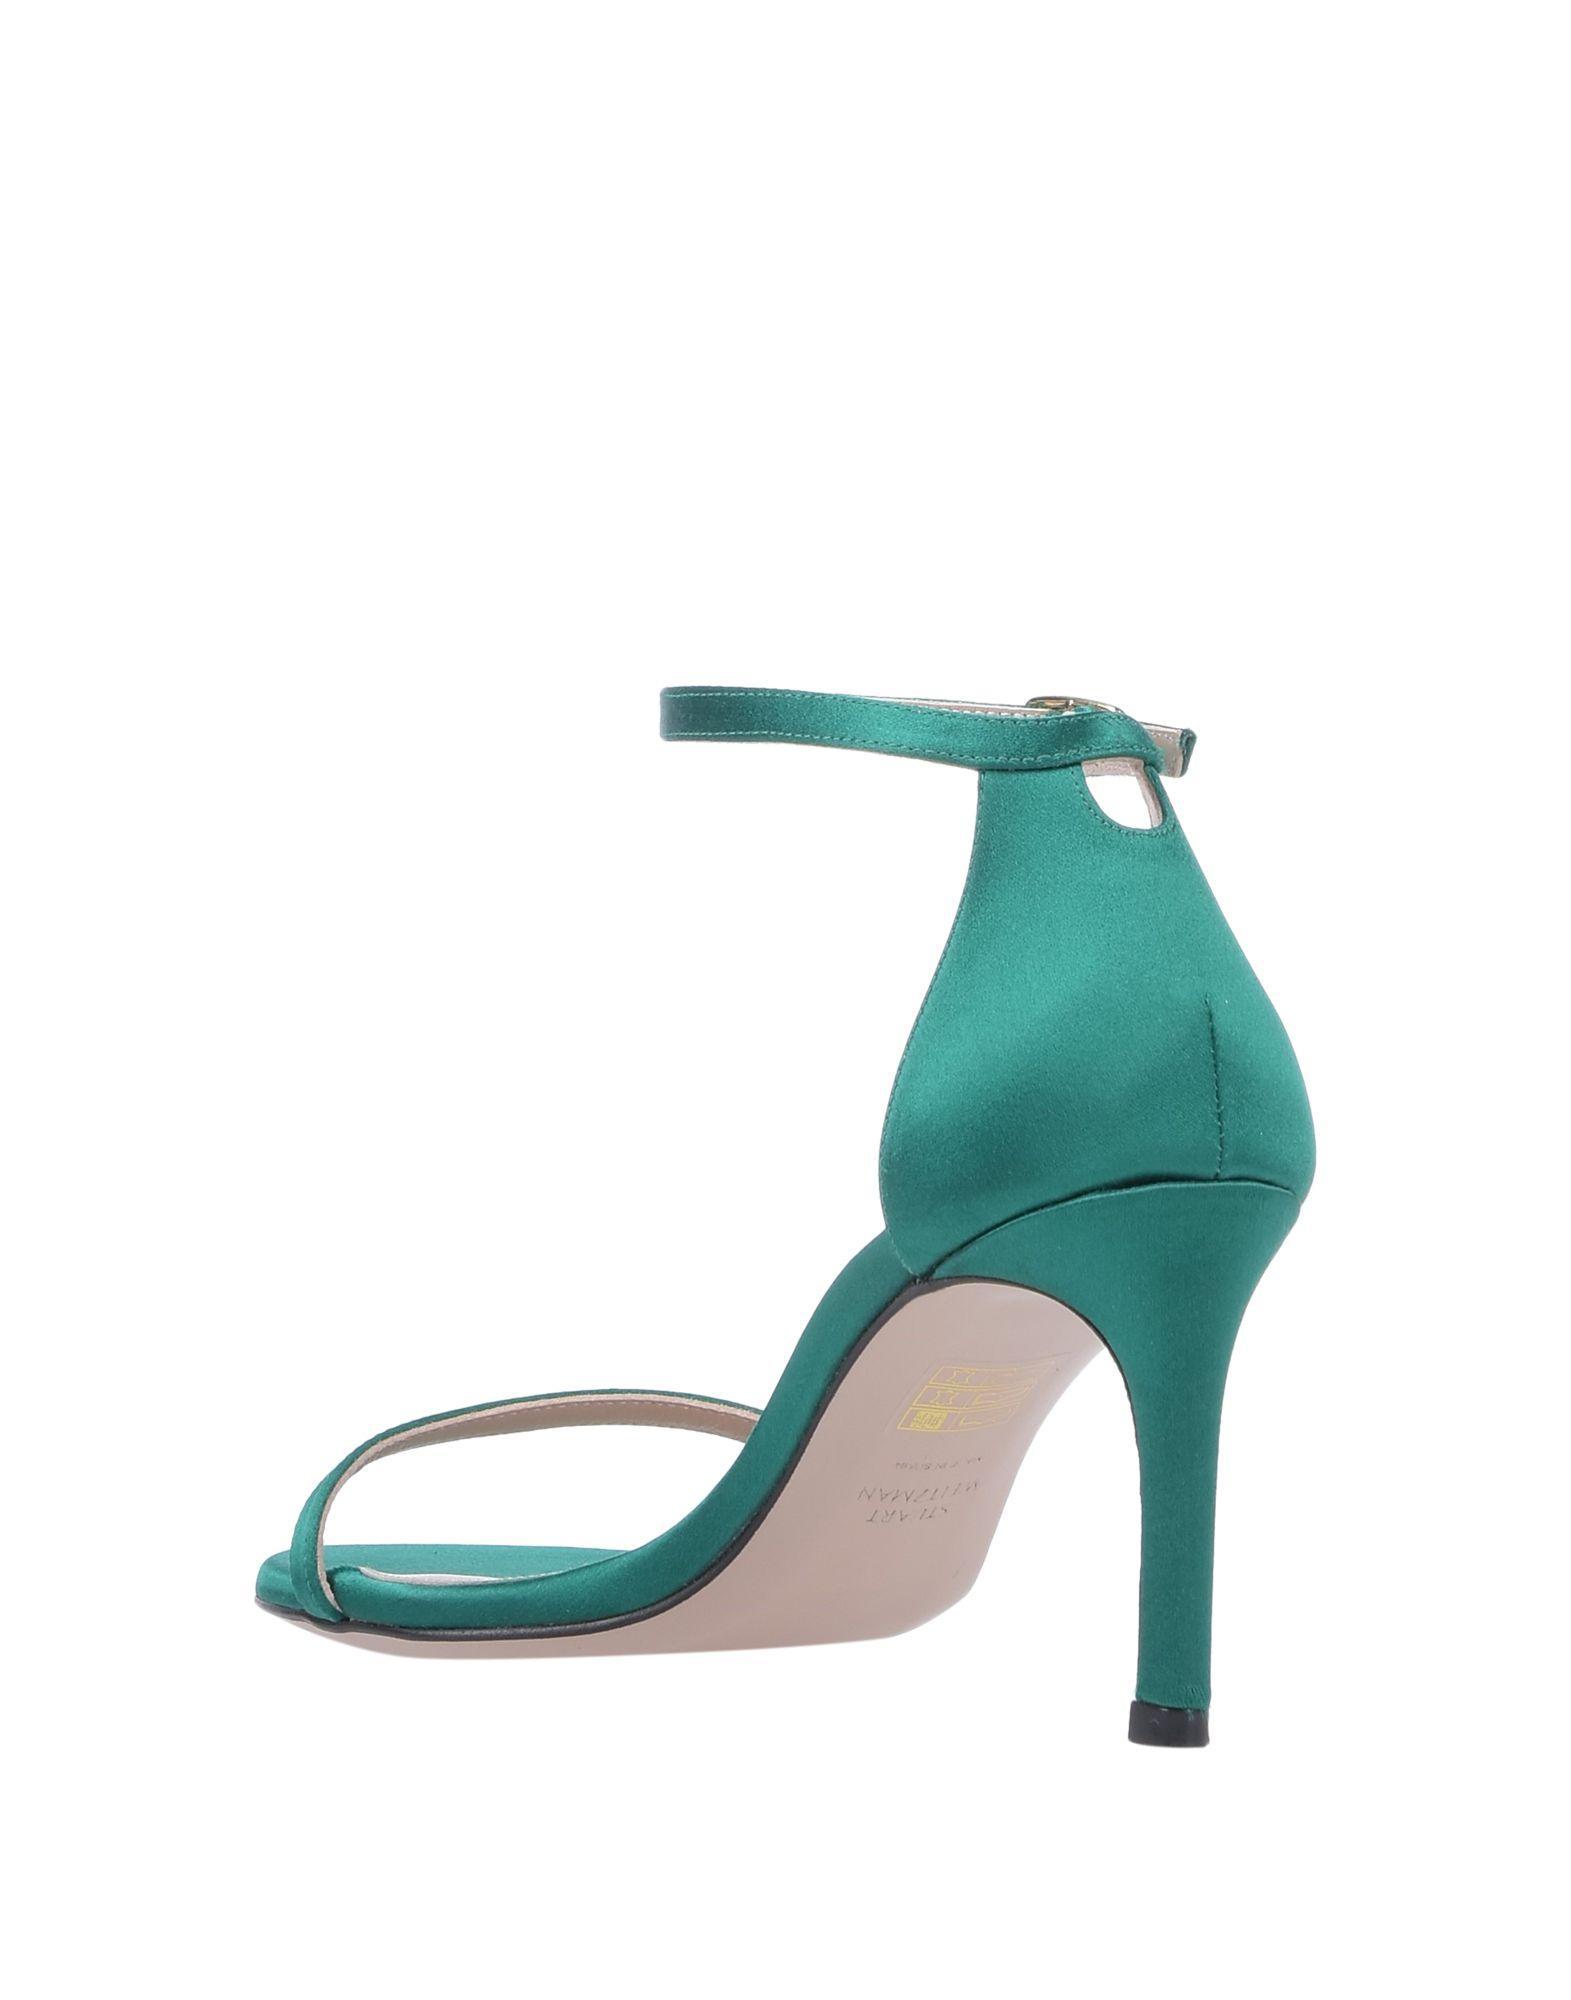 Sandales Satin Stuart Weitzman en coloris Vert